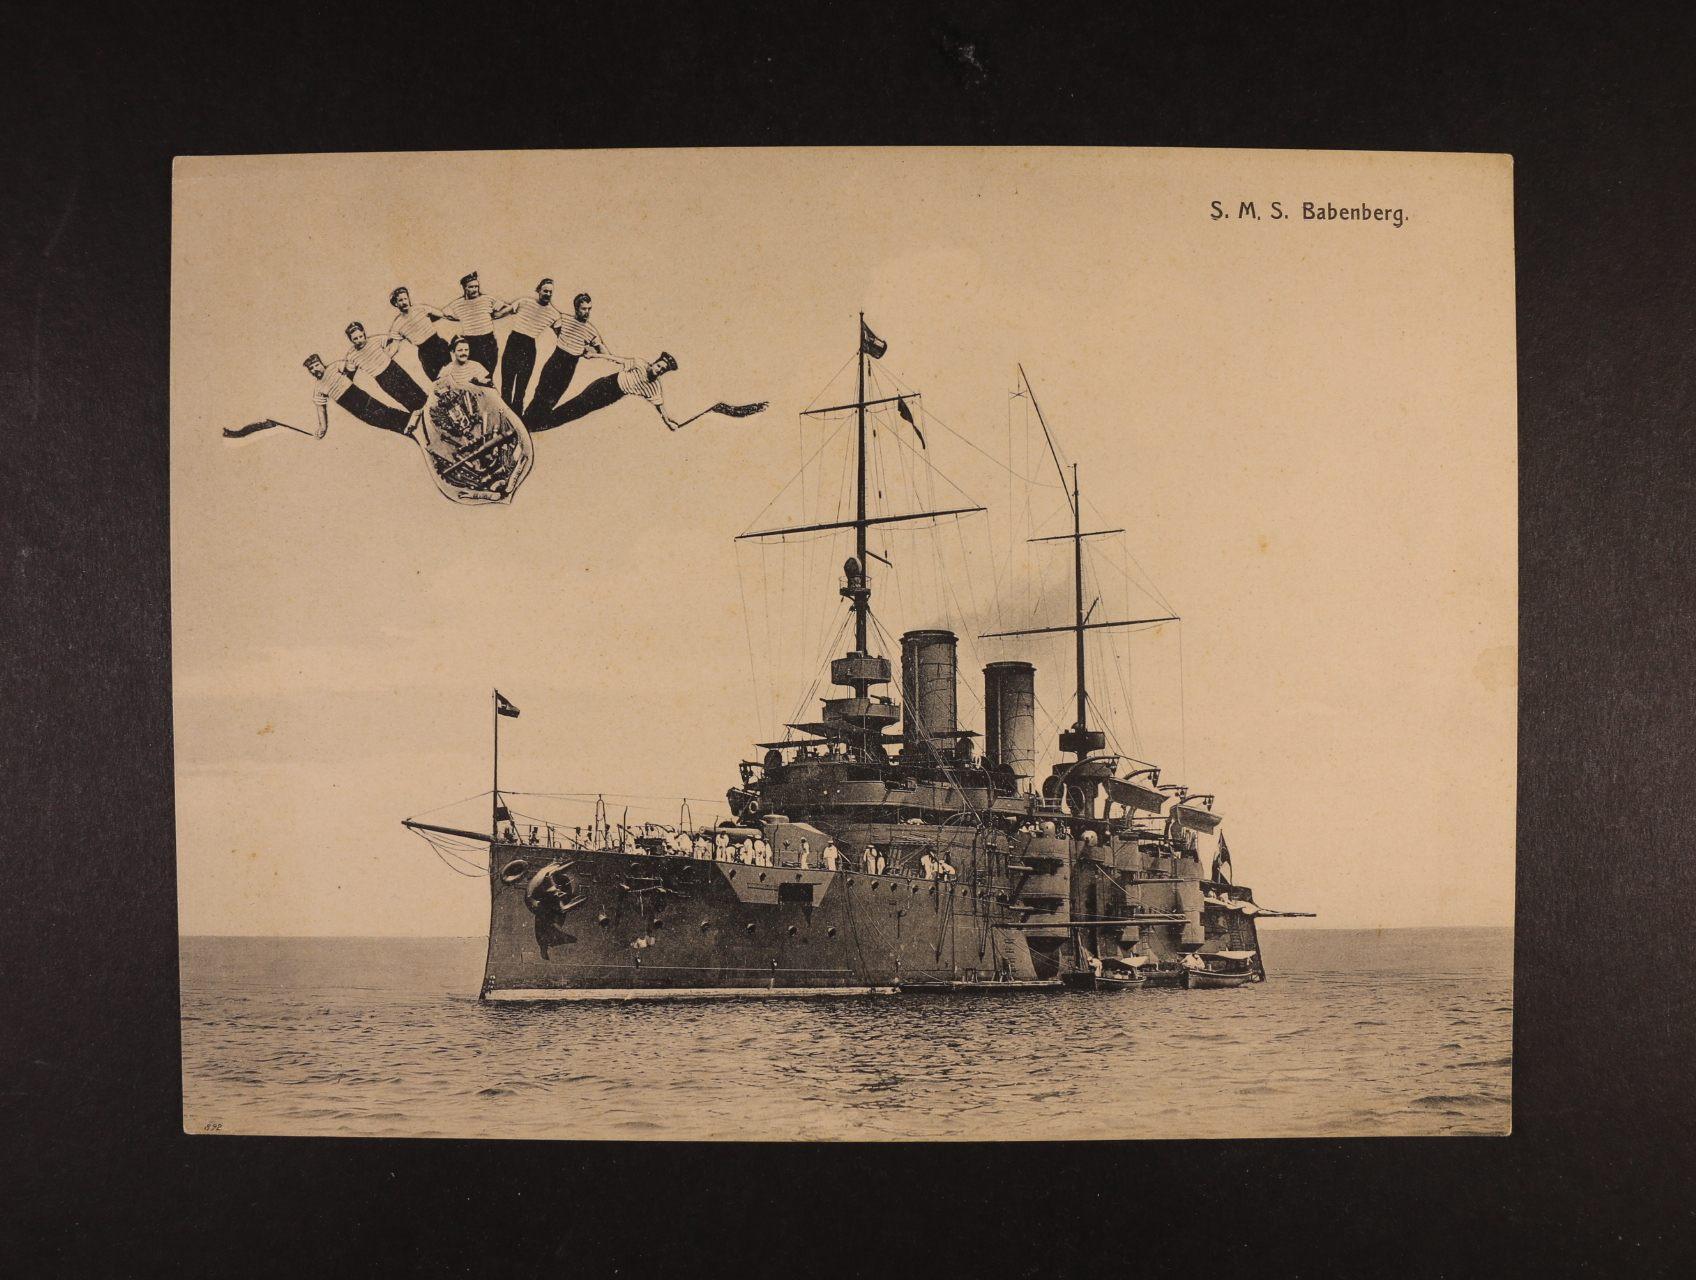 Lodě - S.M.S. BABENBERG - jednobar. pohlednice formátu 175 x 240 mm, dl. adresa, nepoužitá, lux. kvalita